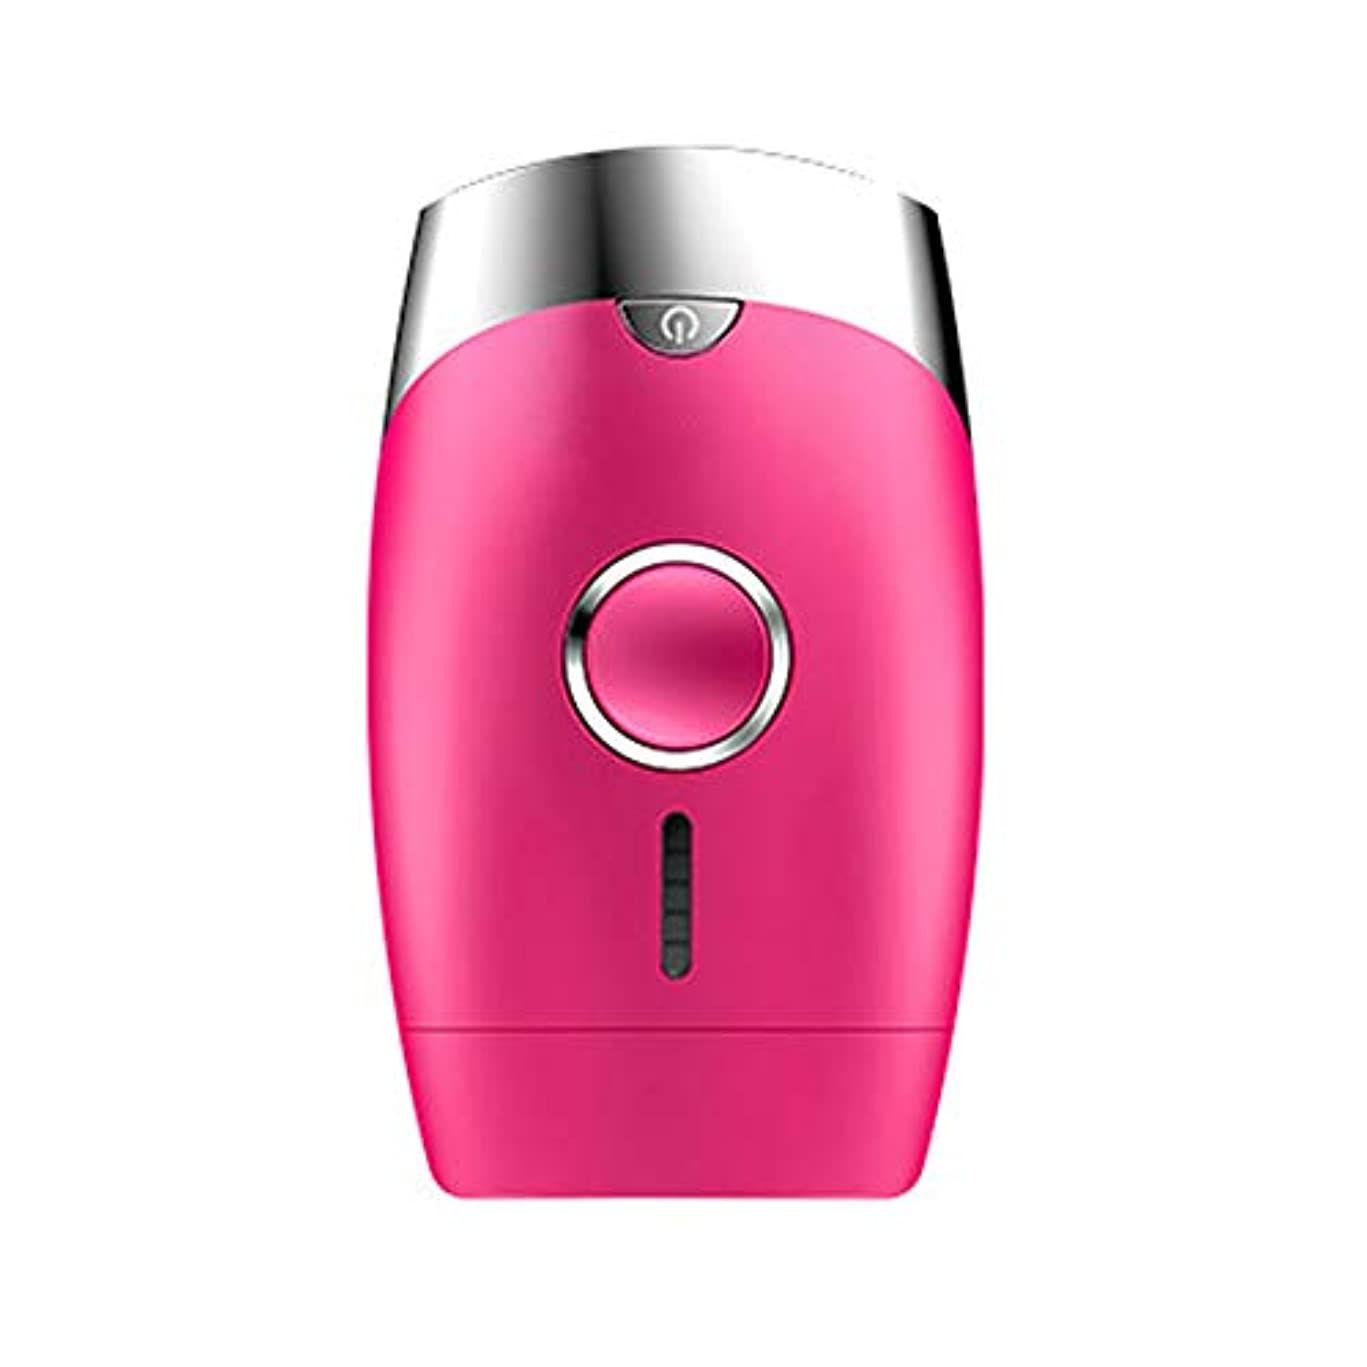 ズームインする法王落花生Nuanxin ピンク、5スピード調整、インテリジェント家庭用痛みのない凝固点ヘアリムーバー、シングルフラッシュ/連続フラッシュ、サイズ13.9 X 8.3 X 4.8 Cm F30 (Color : Pink)